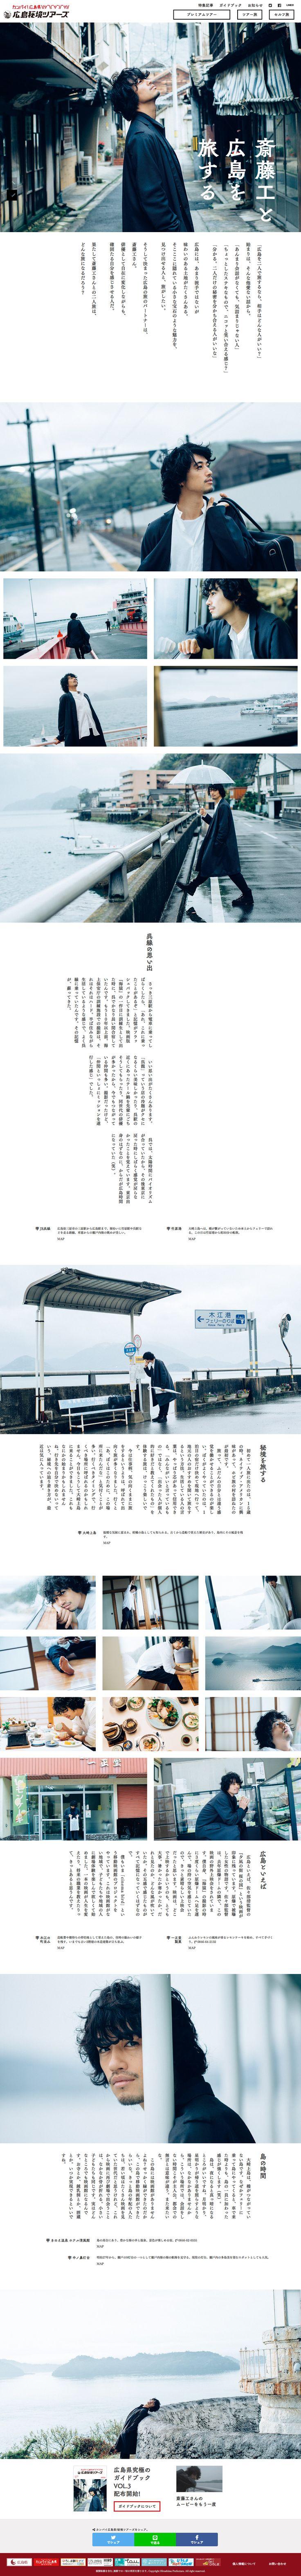 斎藤工と広島を旅する カンパイ!広島県 広島秘境ツアーズ https://hiroshima-welcome.jp/hikyo/specials/saitoutakumi/